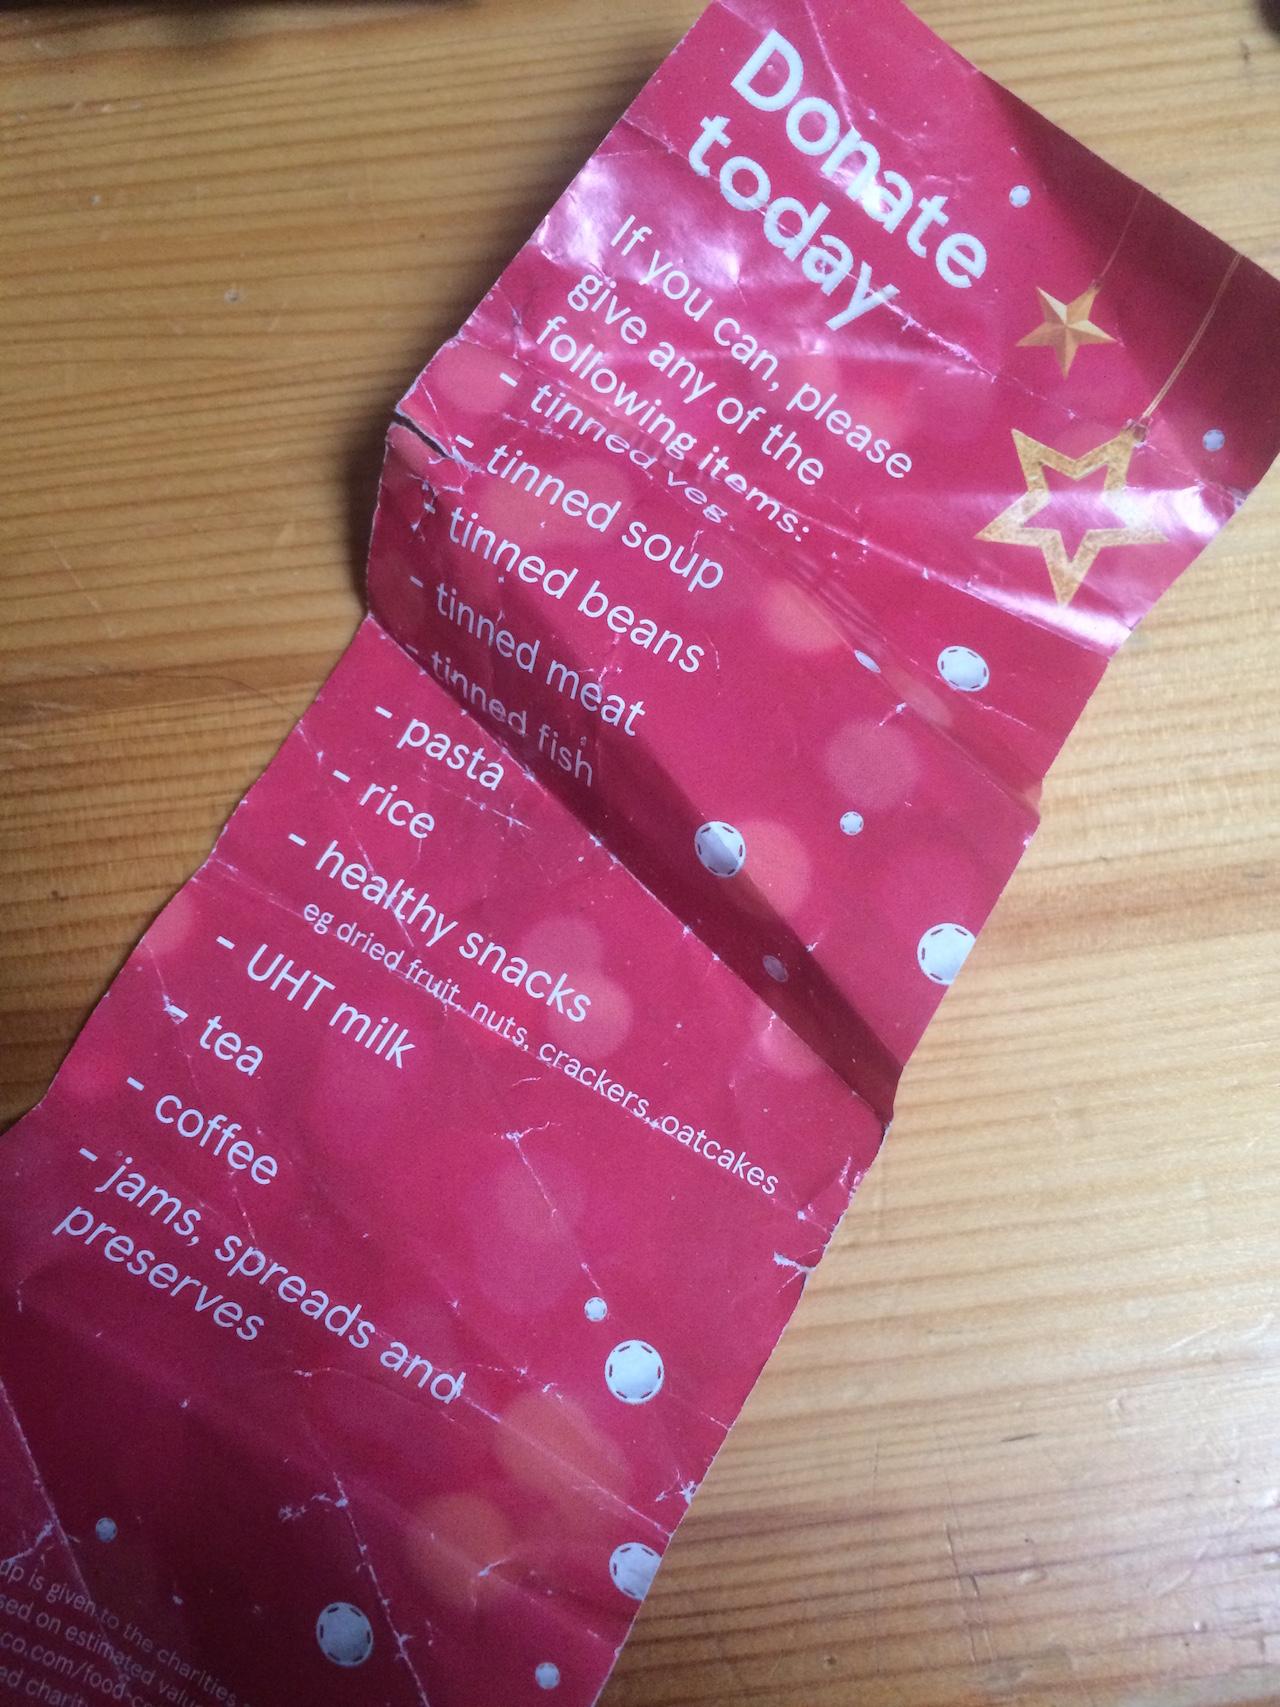 Einkaufsliste für Essenspenden